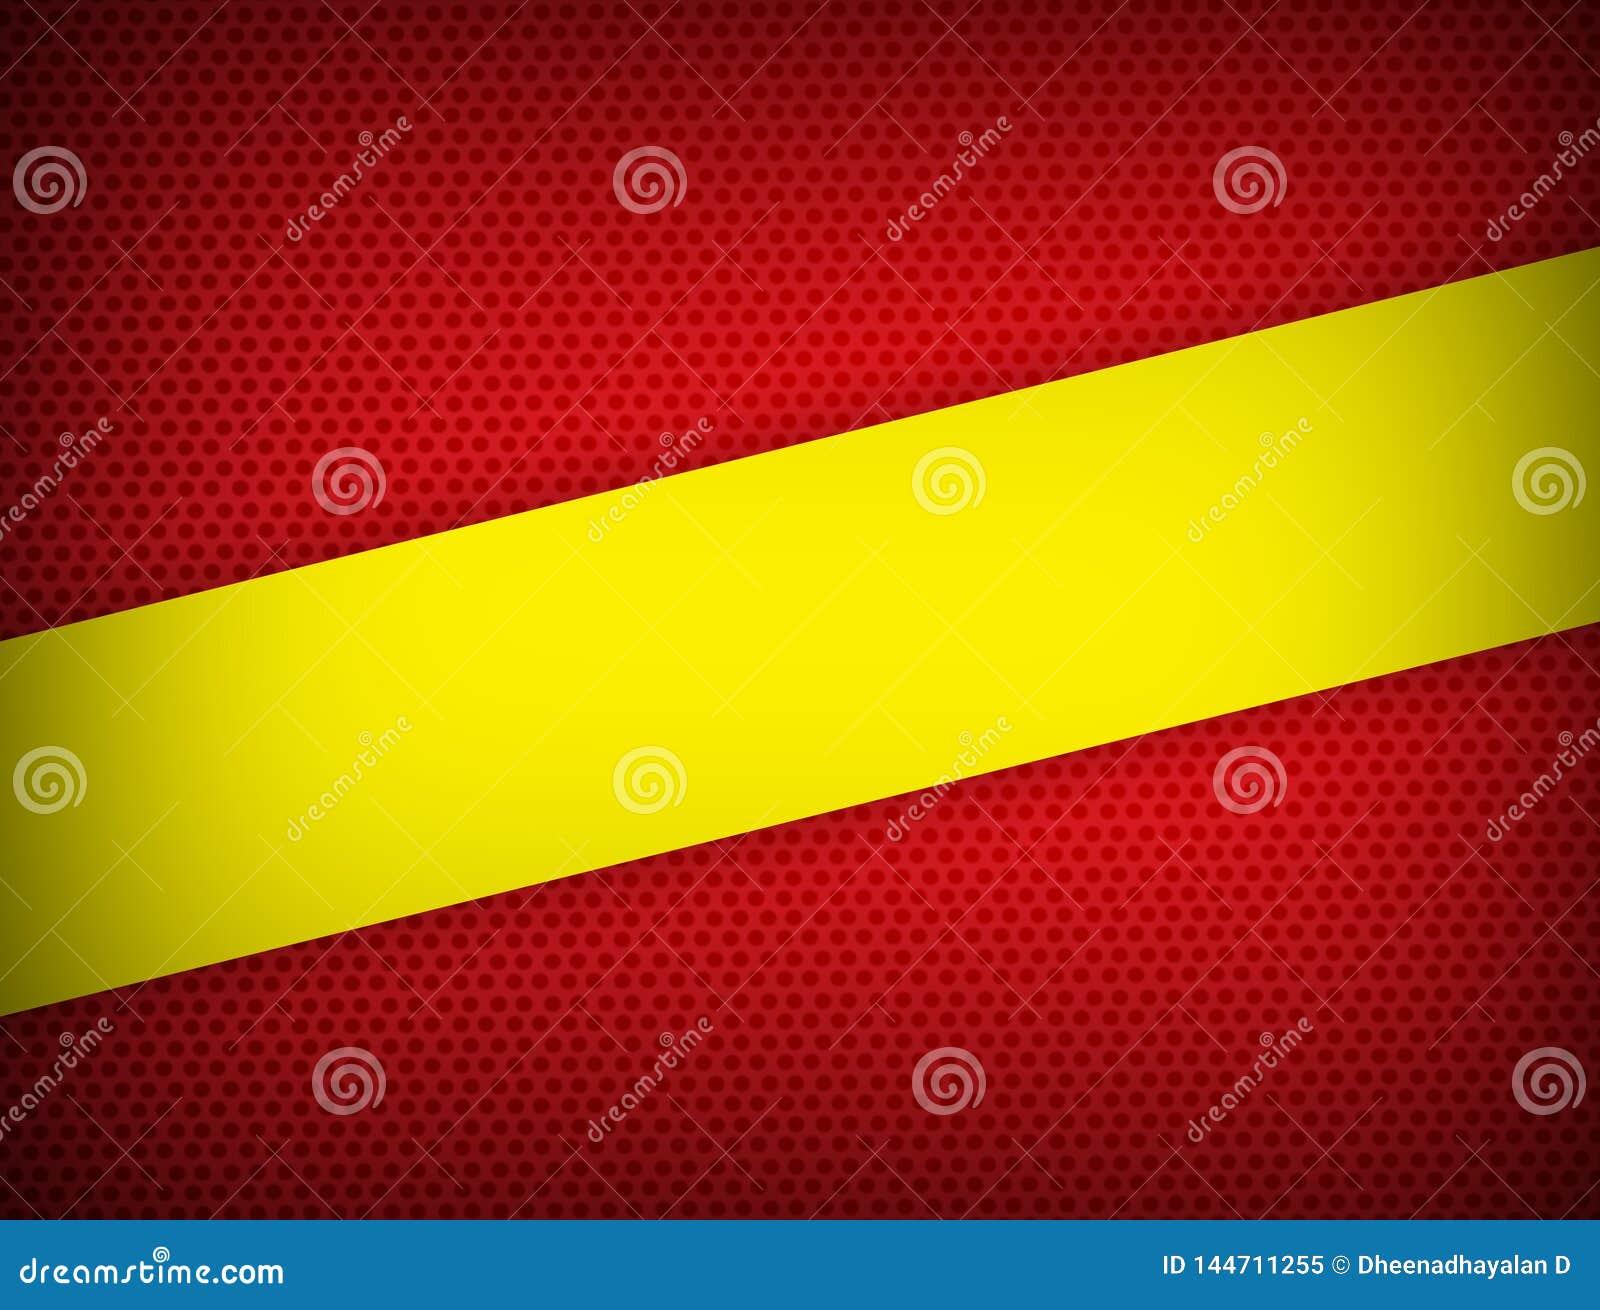 Moderner Entwurf des roten und gelben Farbgeometrischen Zusammenfassungshintergrundes mit Kopienraum Vektorillustration